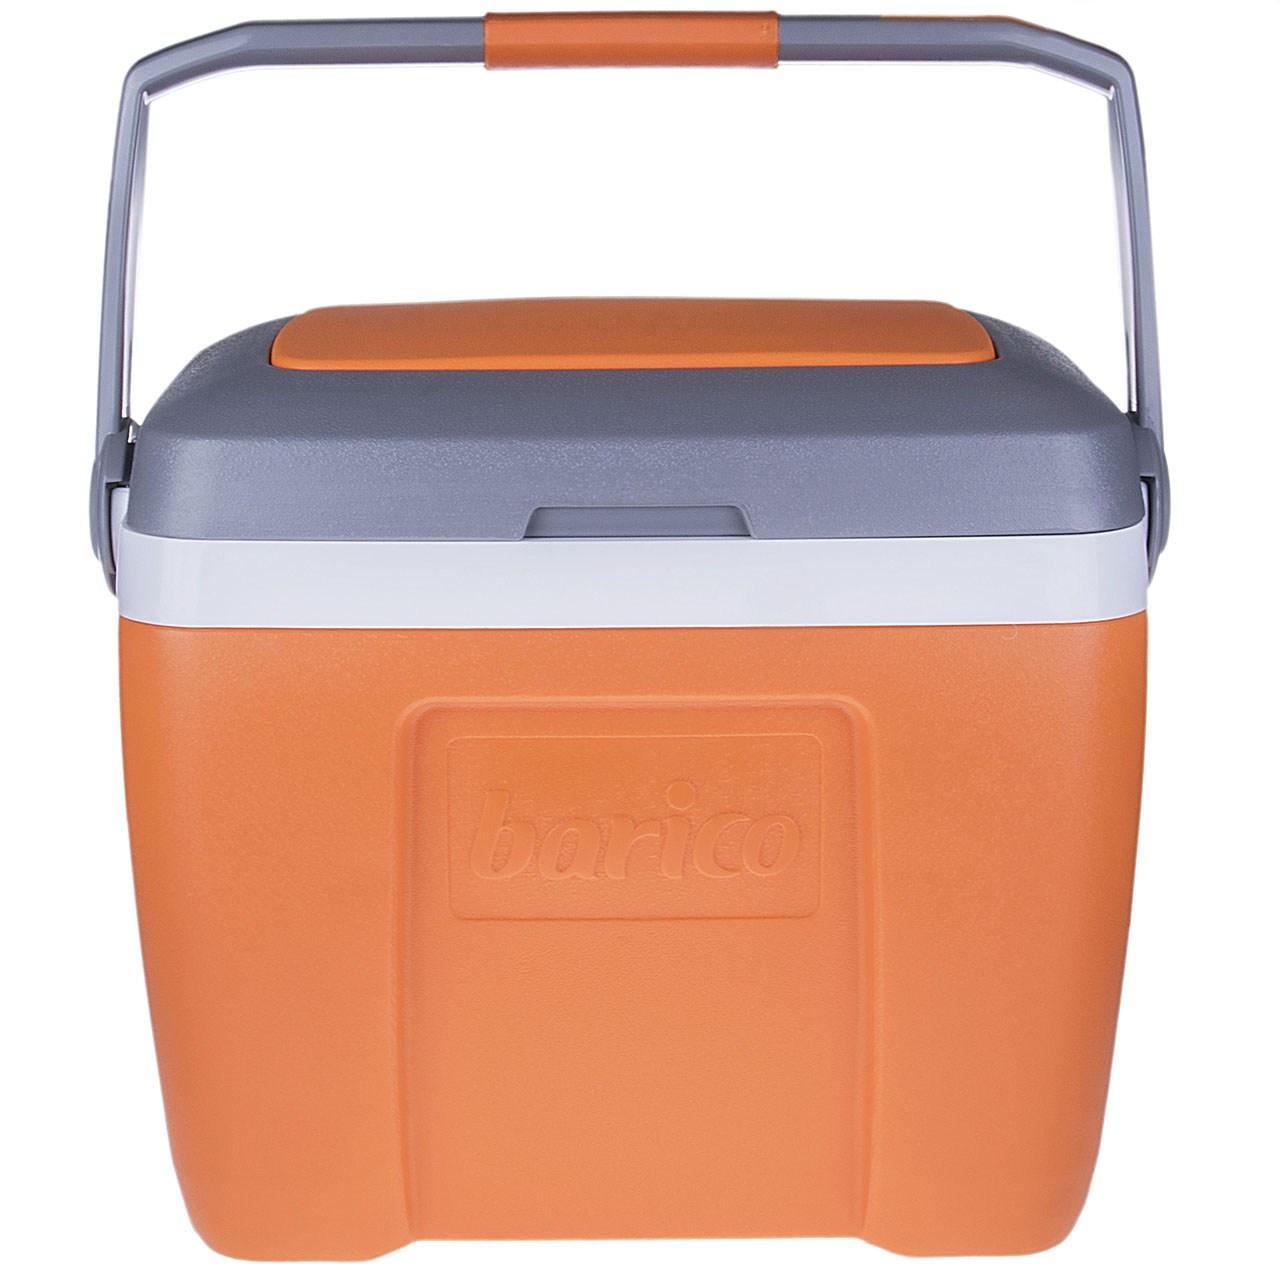 یخدان مسافرتی باریکو مدل Cambino ظرفیت 28 لیتر